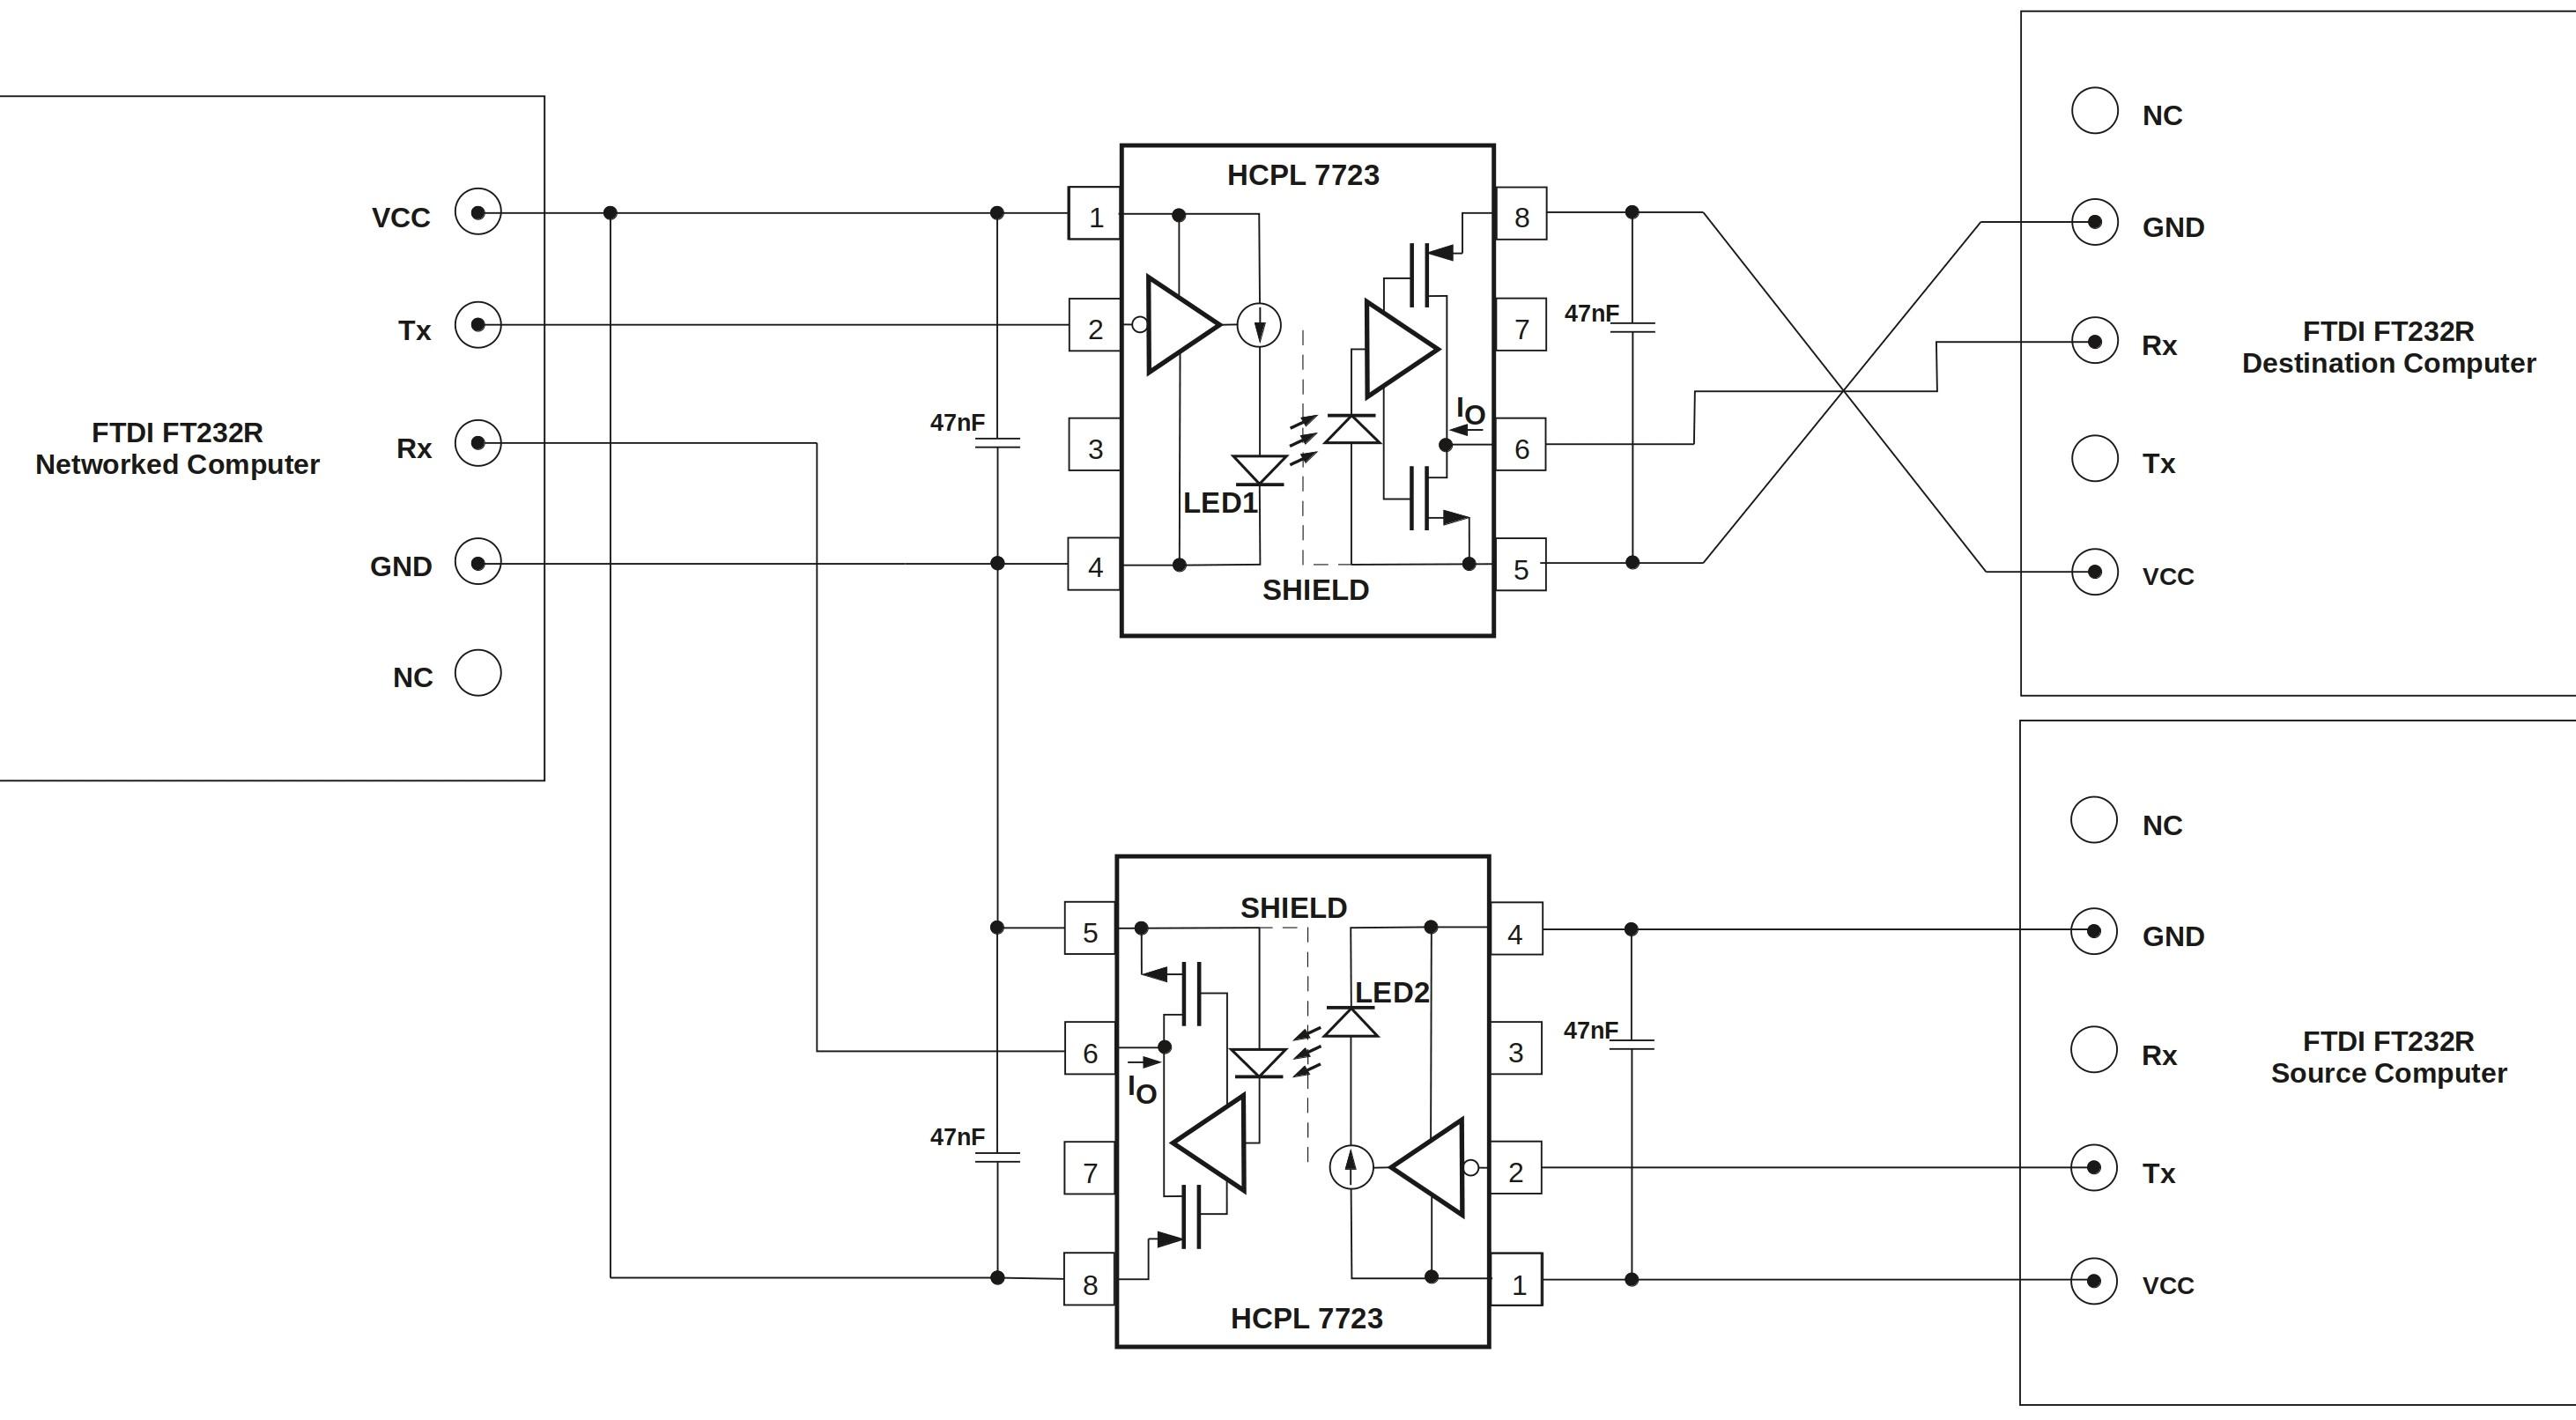 the circuit diagram